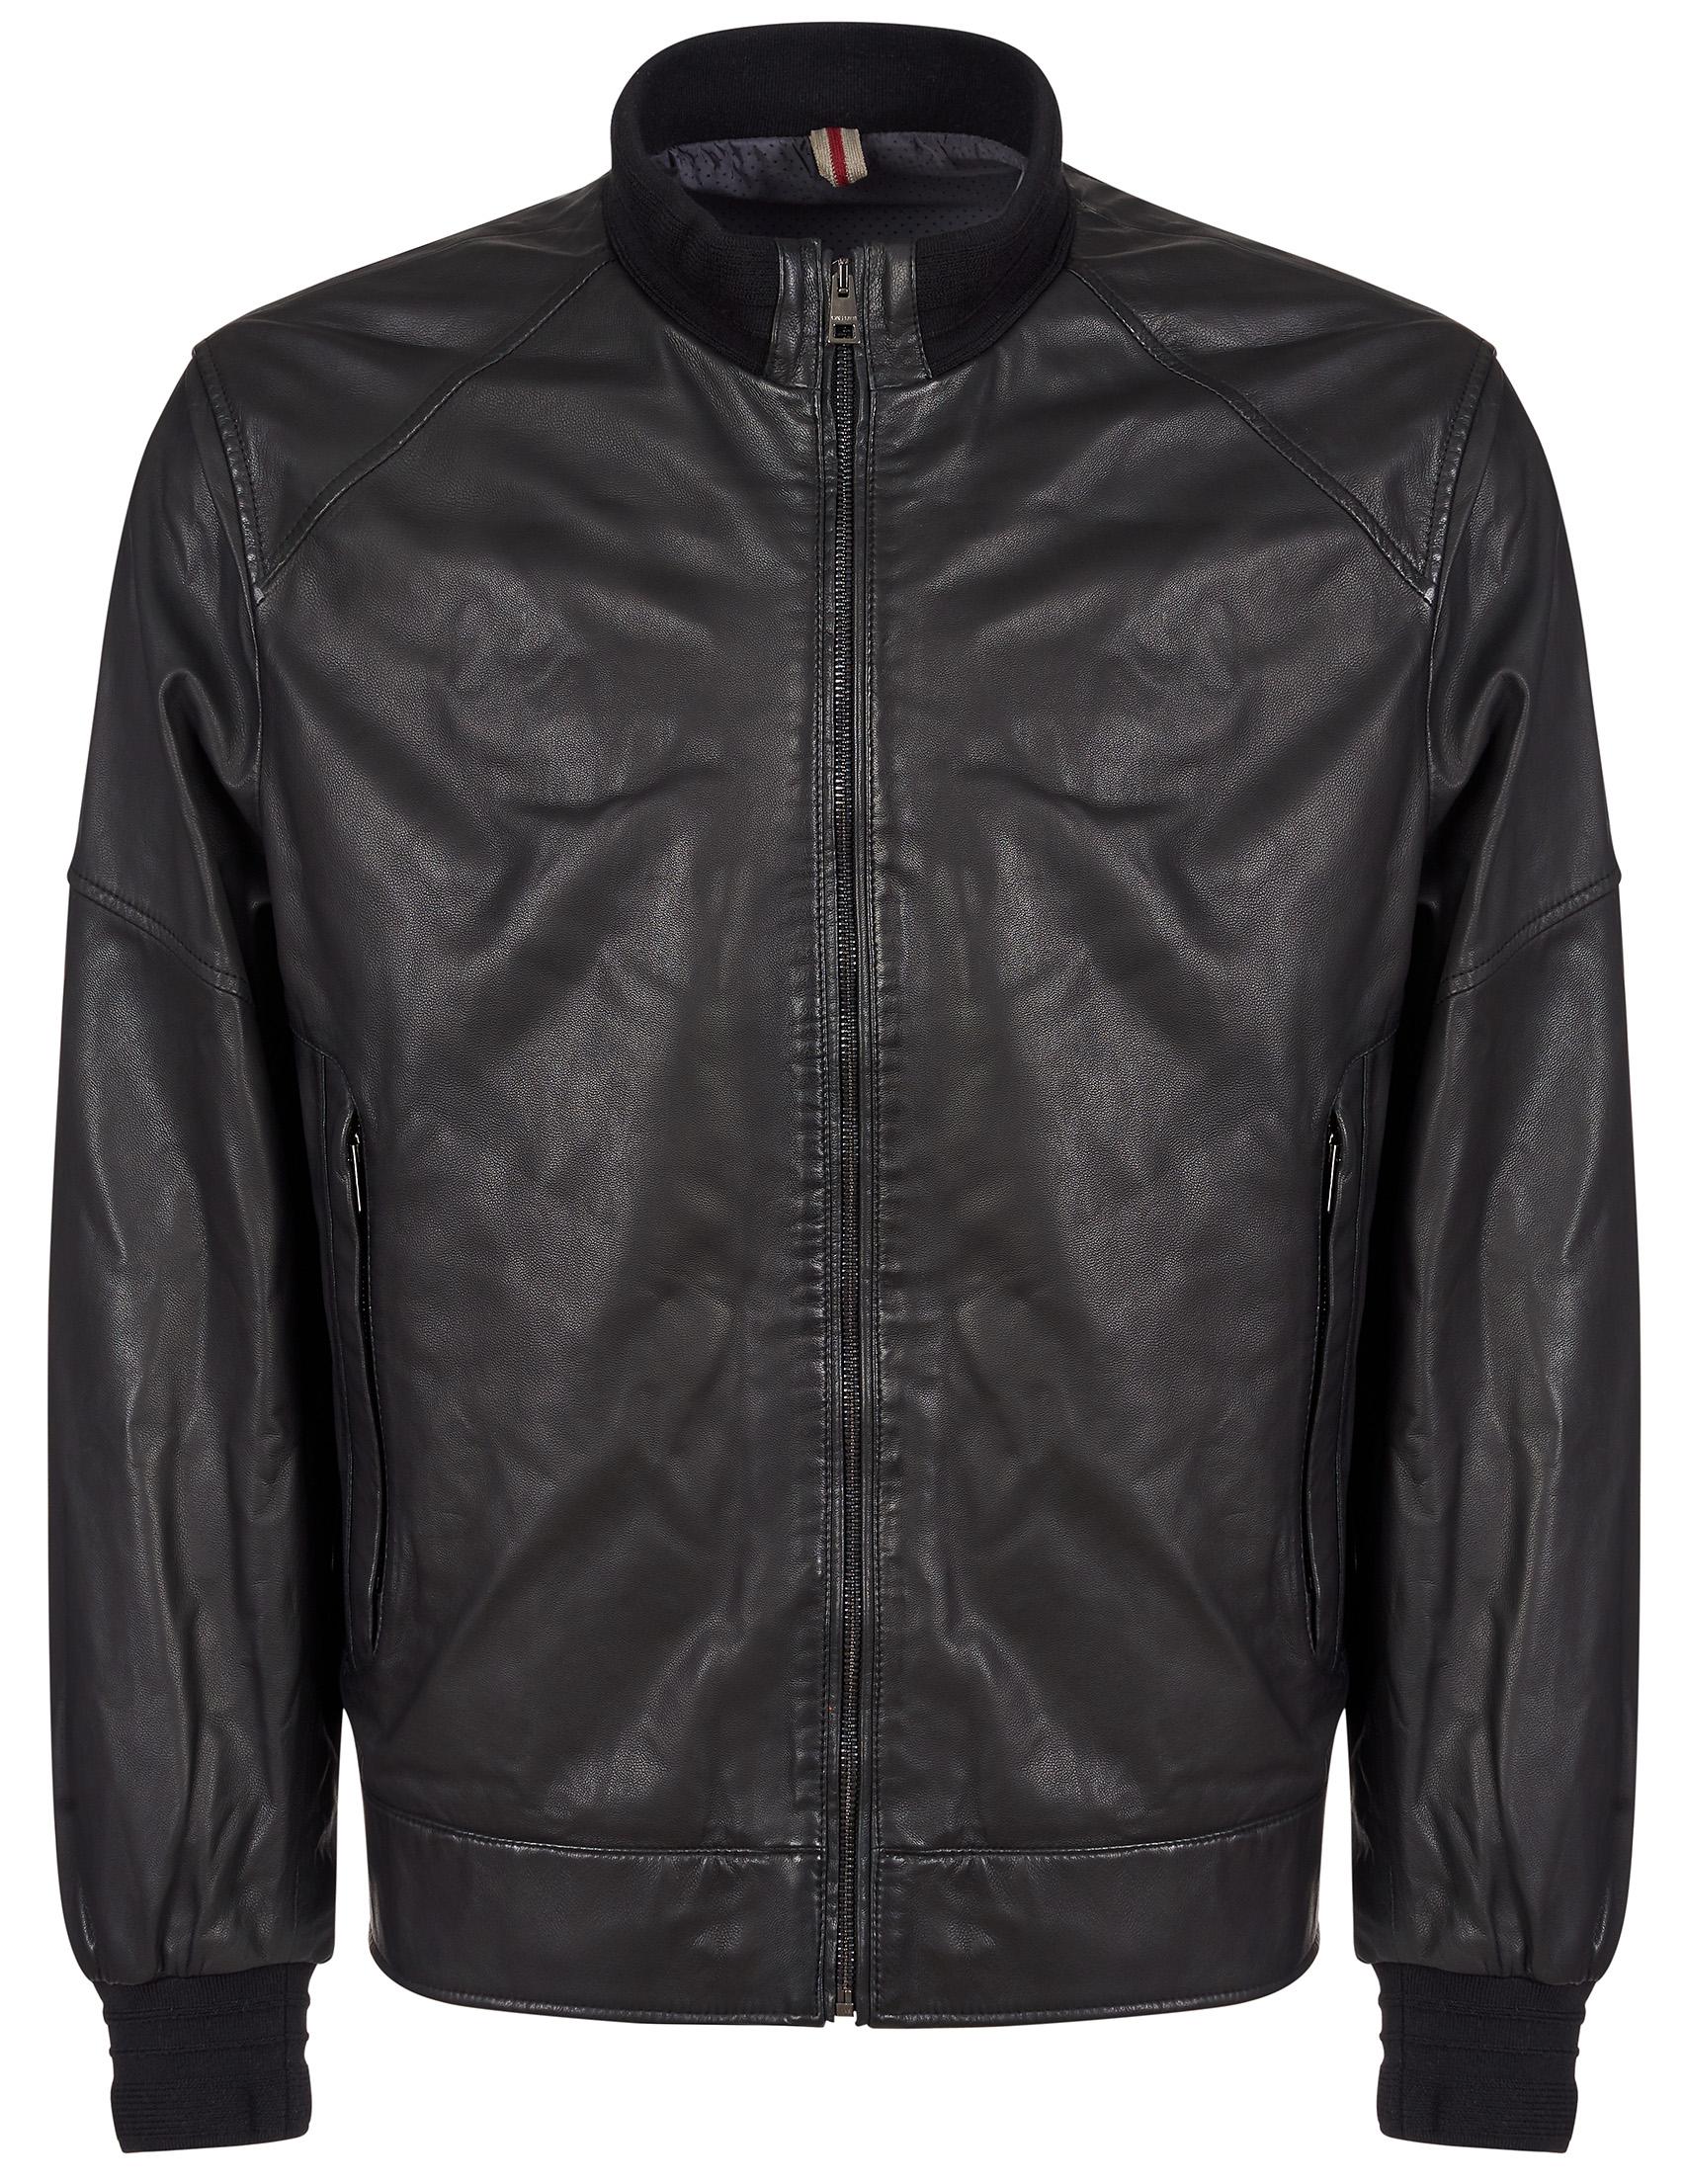 Купить Куртки, Куртка, GALLOTTI, Черный, 100%Кожа;100%Полиэстер, Осень-Зима